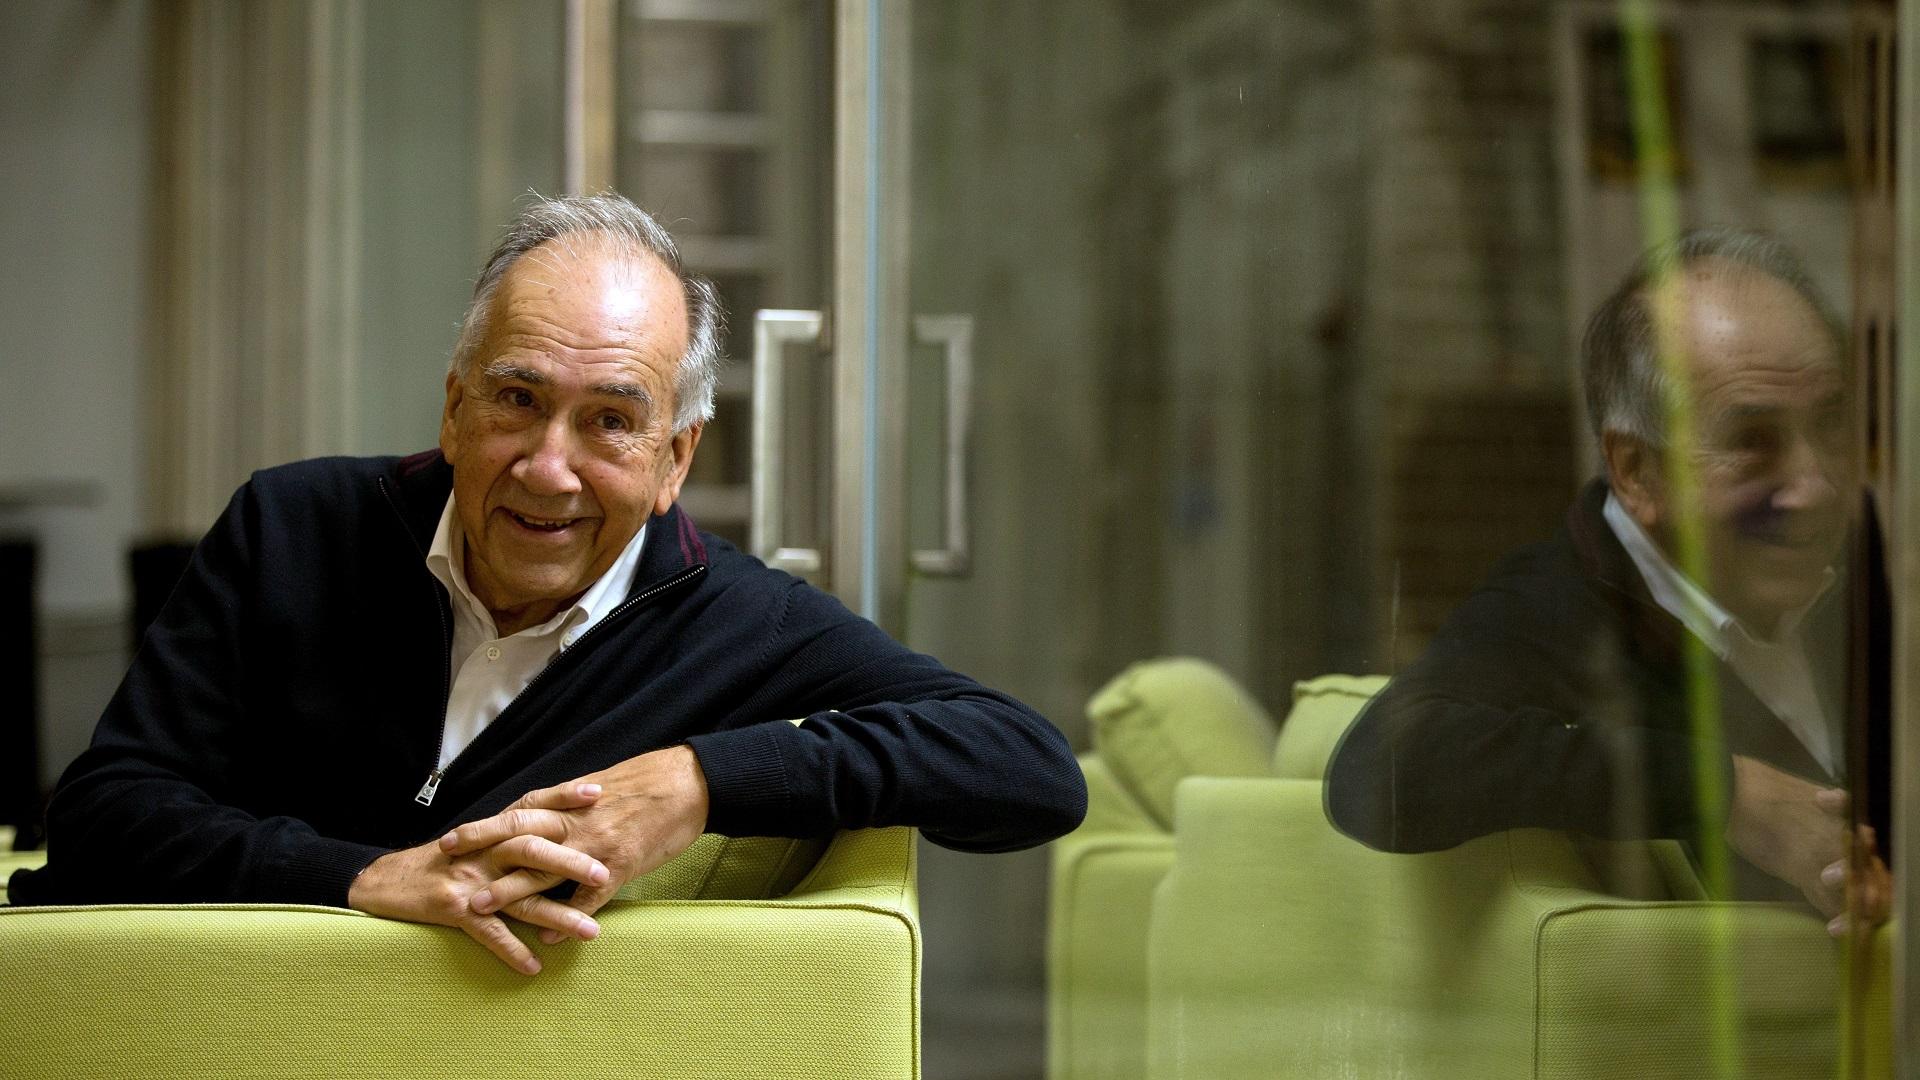 El poeta Joan Margarit es abiertamente defensor de la lengua catalana. Foto de EFE